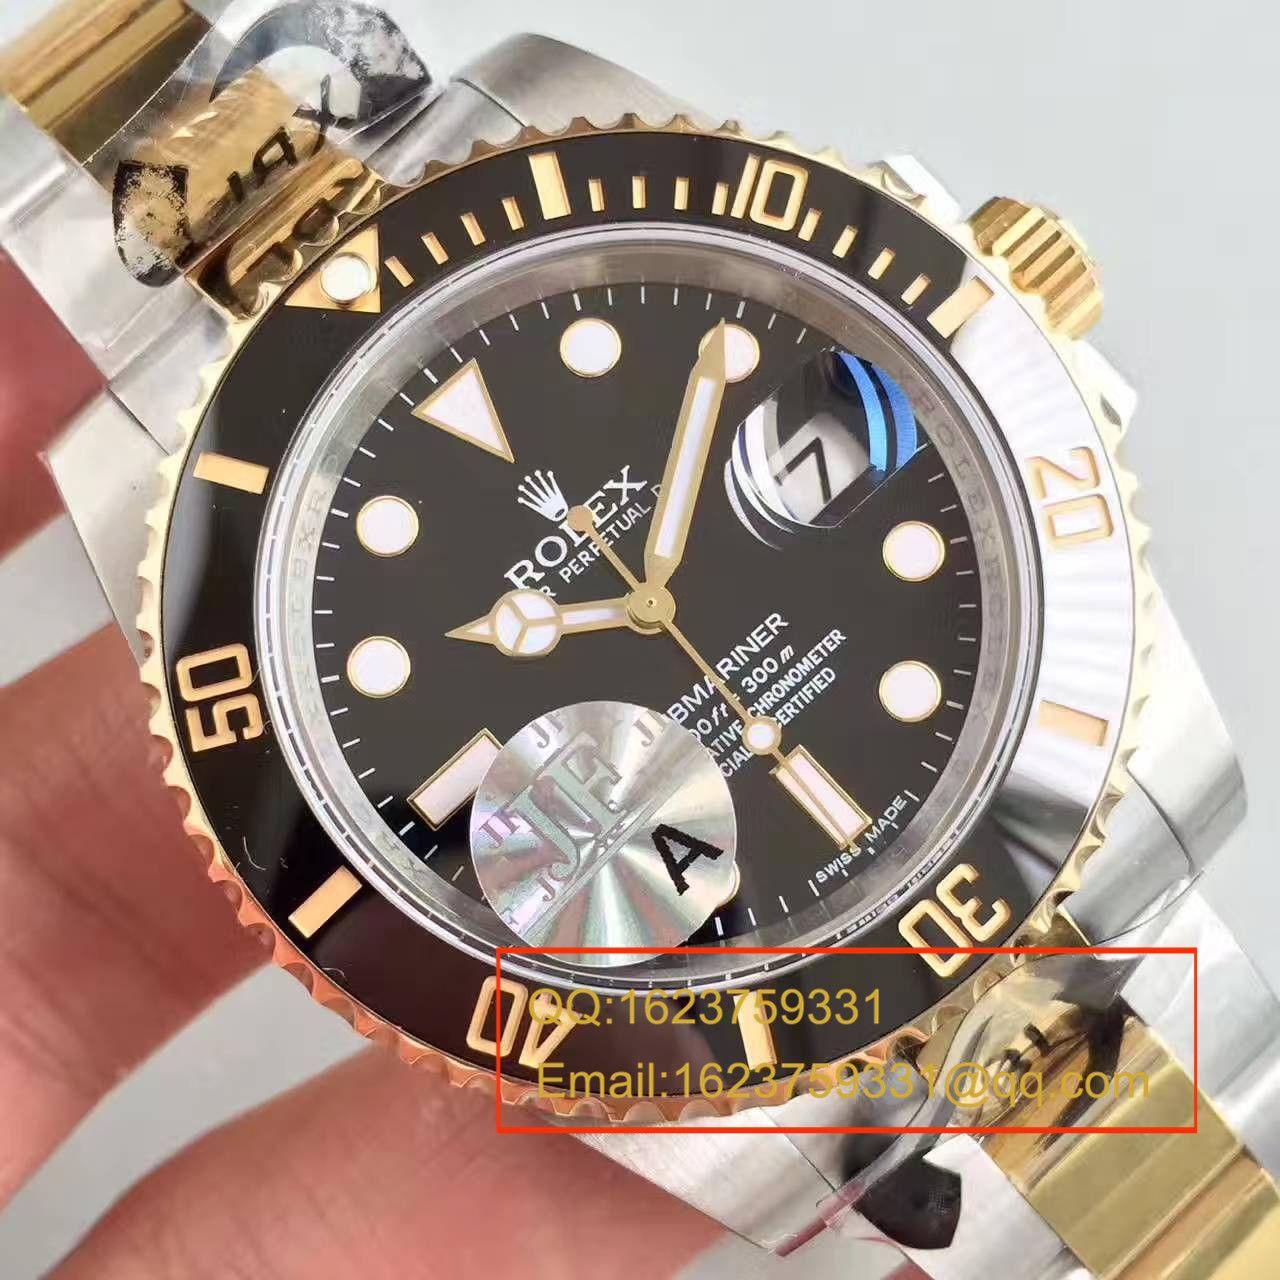 【JF厂顶级复刻手表】劳力士潜航者型系列116613-LN-97203间金水鬼腕表 / RBG029